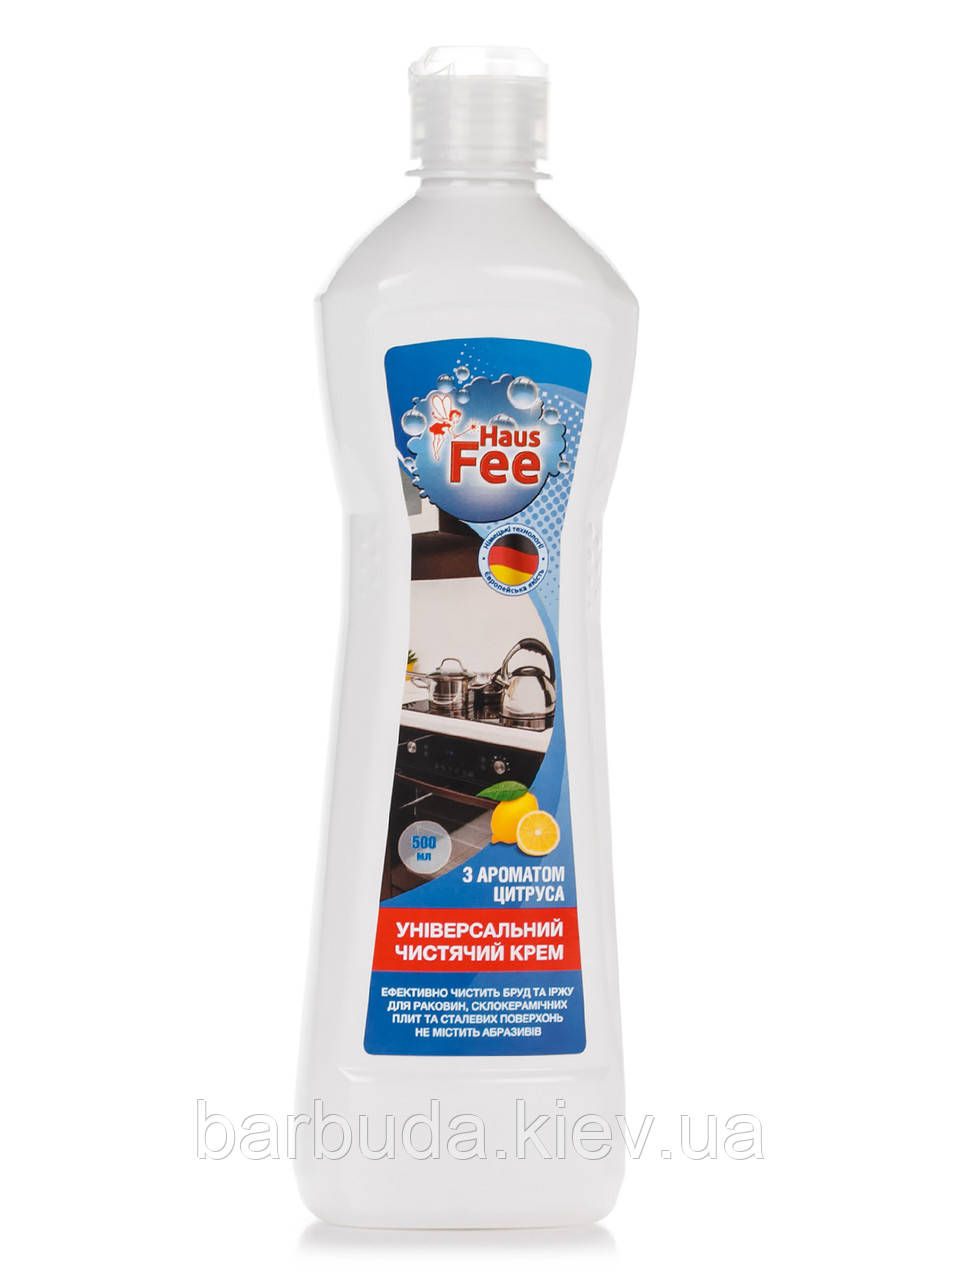 """Крем чистячий універсальний з ароматом цитруса  ТМ """"Haus Fee"""" 500 мл"""